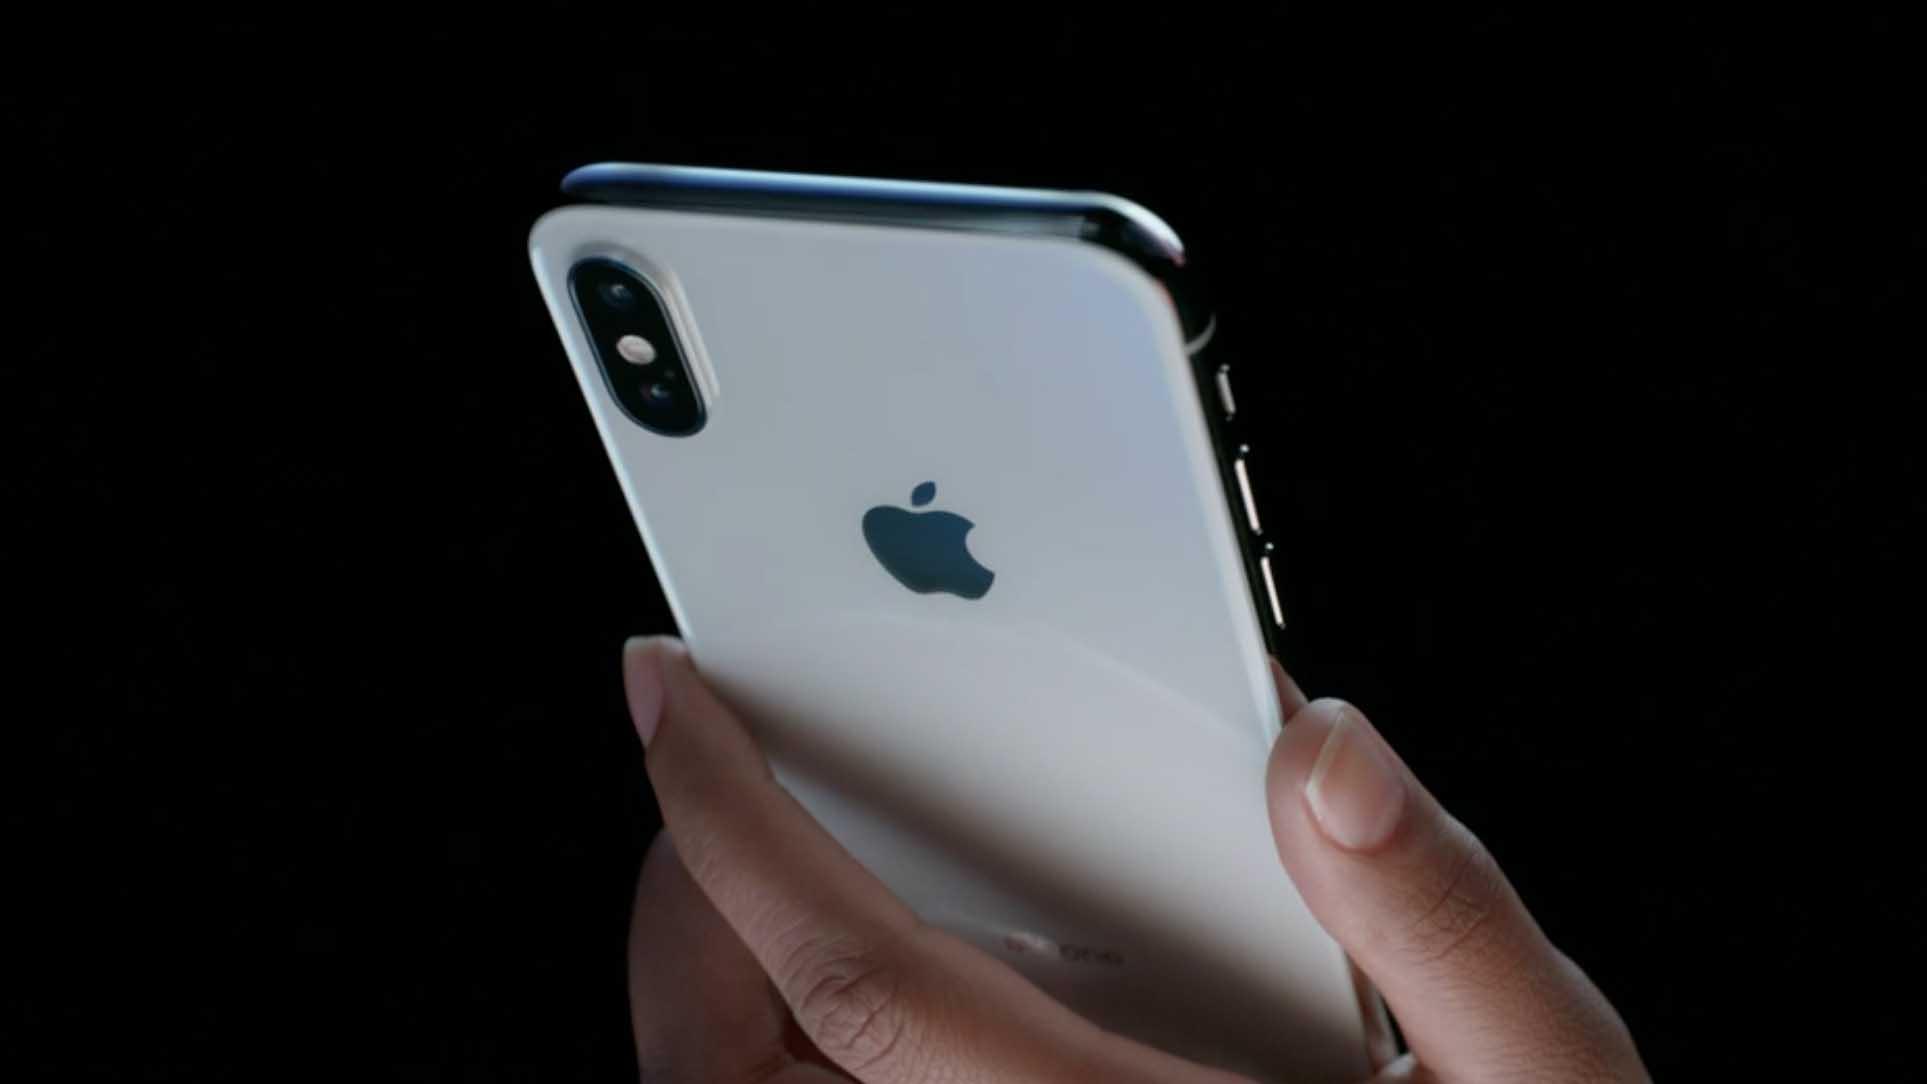 Apple iPhone 8 8 Plus and iPhone X Camera Specs revealed - iPhone X é o melhor celular para fotografia